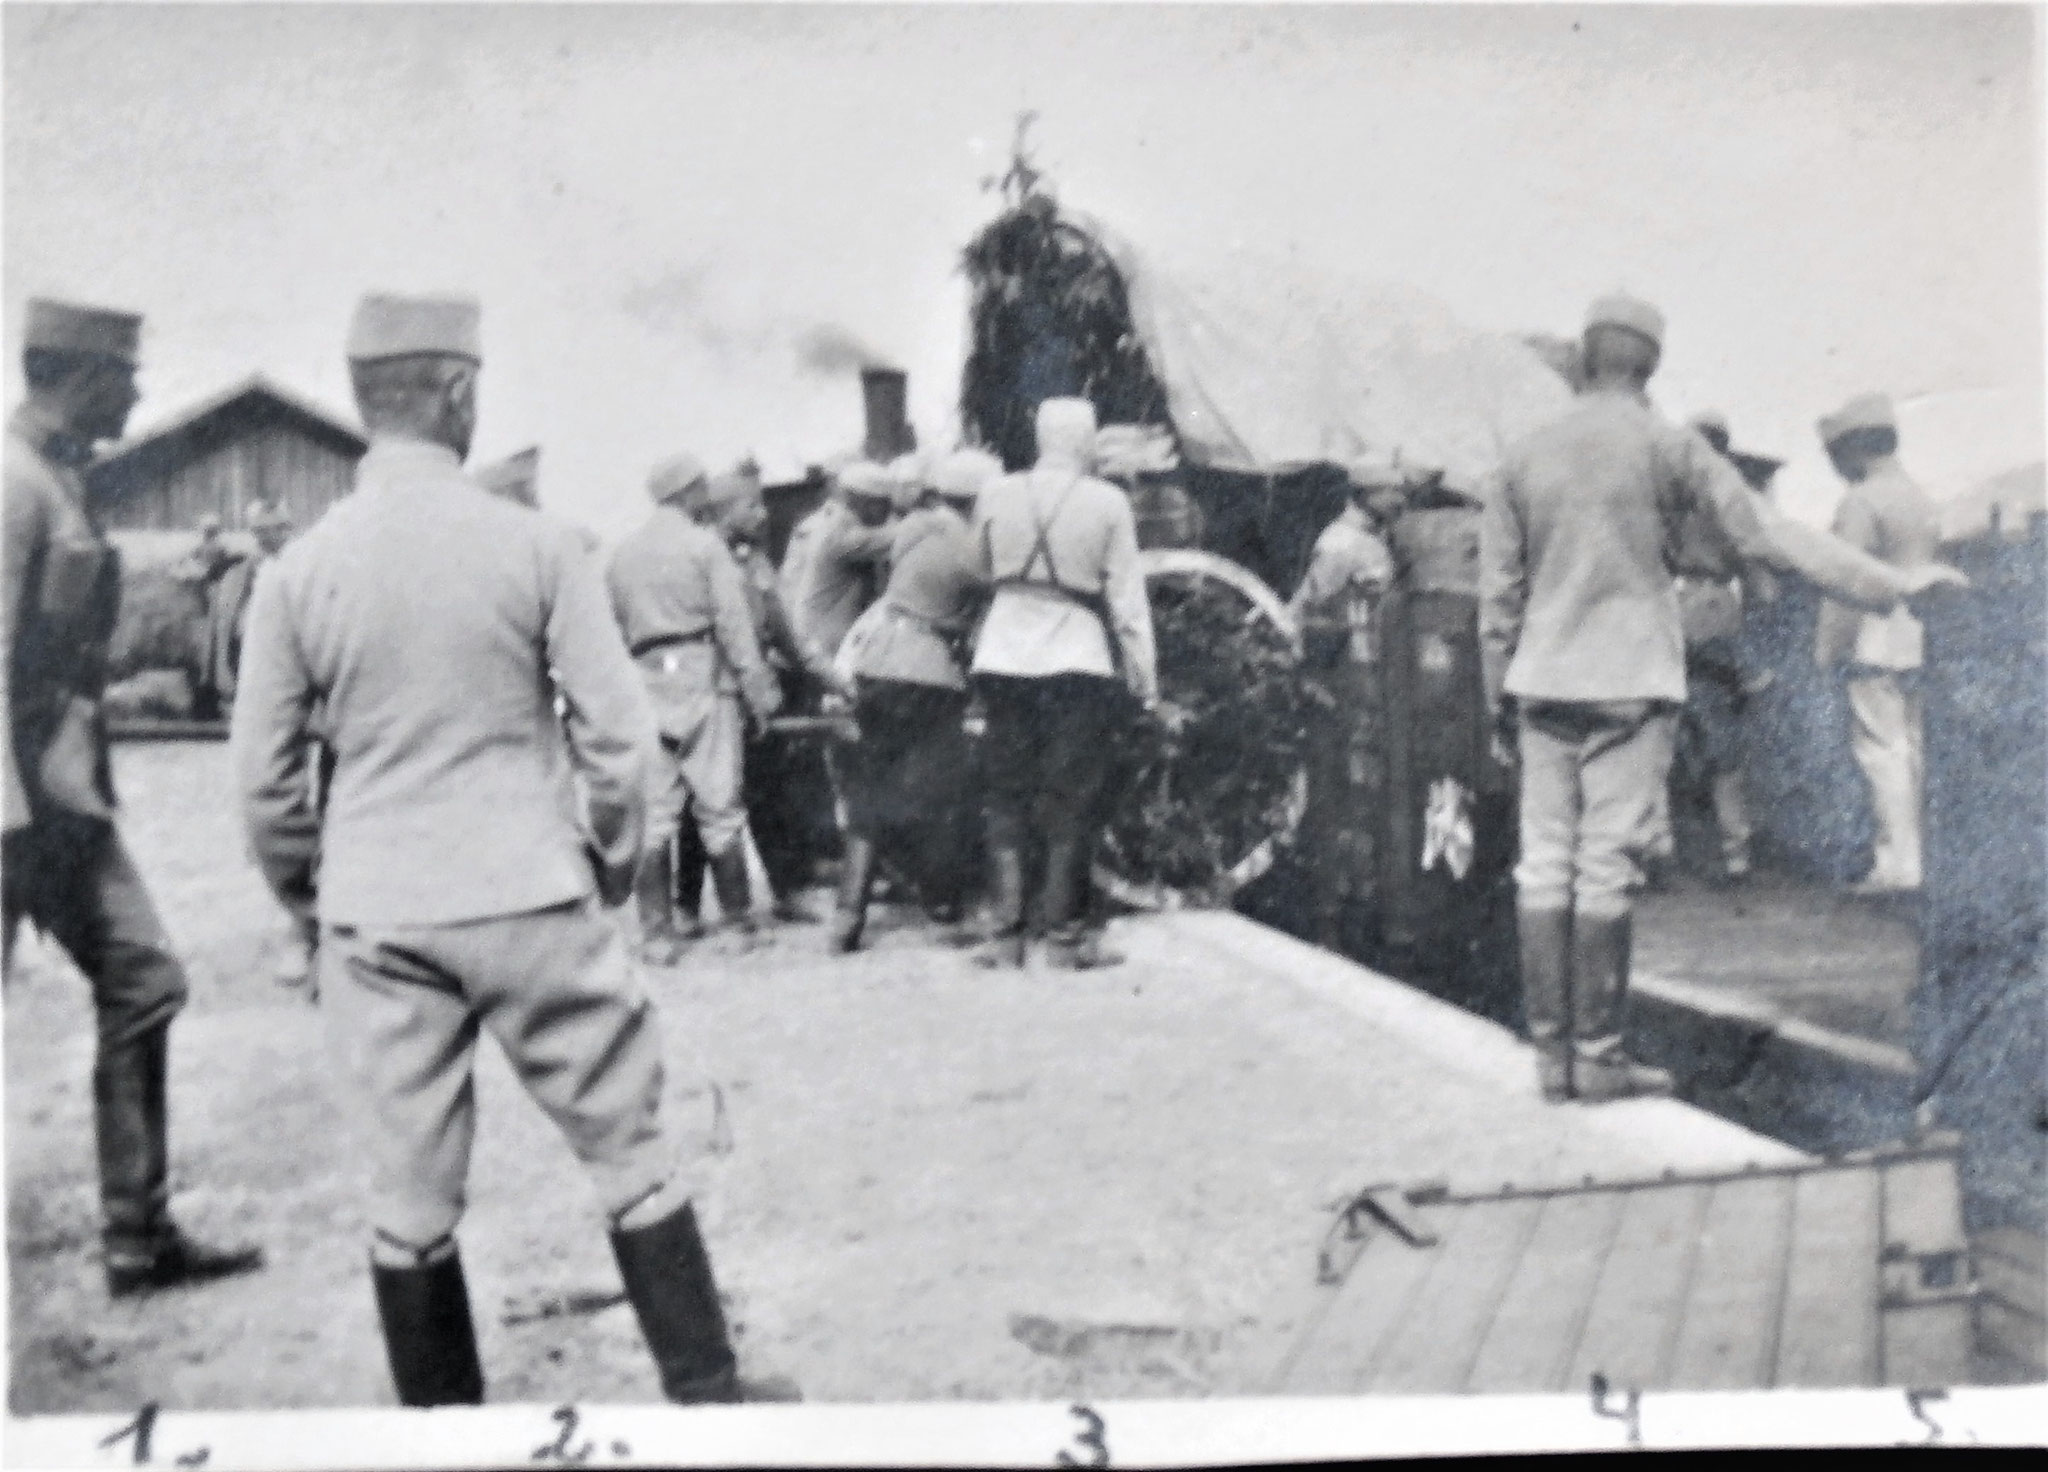 Einwaggonierung (in Homona) des Trains der 3. Esk. ; 1. Kirchbach, 2. Lang, 3. ich, 4. Wchtm. Abel des 4. Zuges, 5. Der Bahnhofkmdt von Homona.